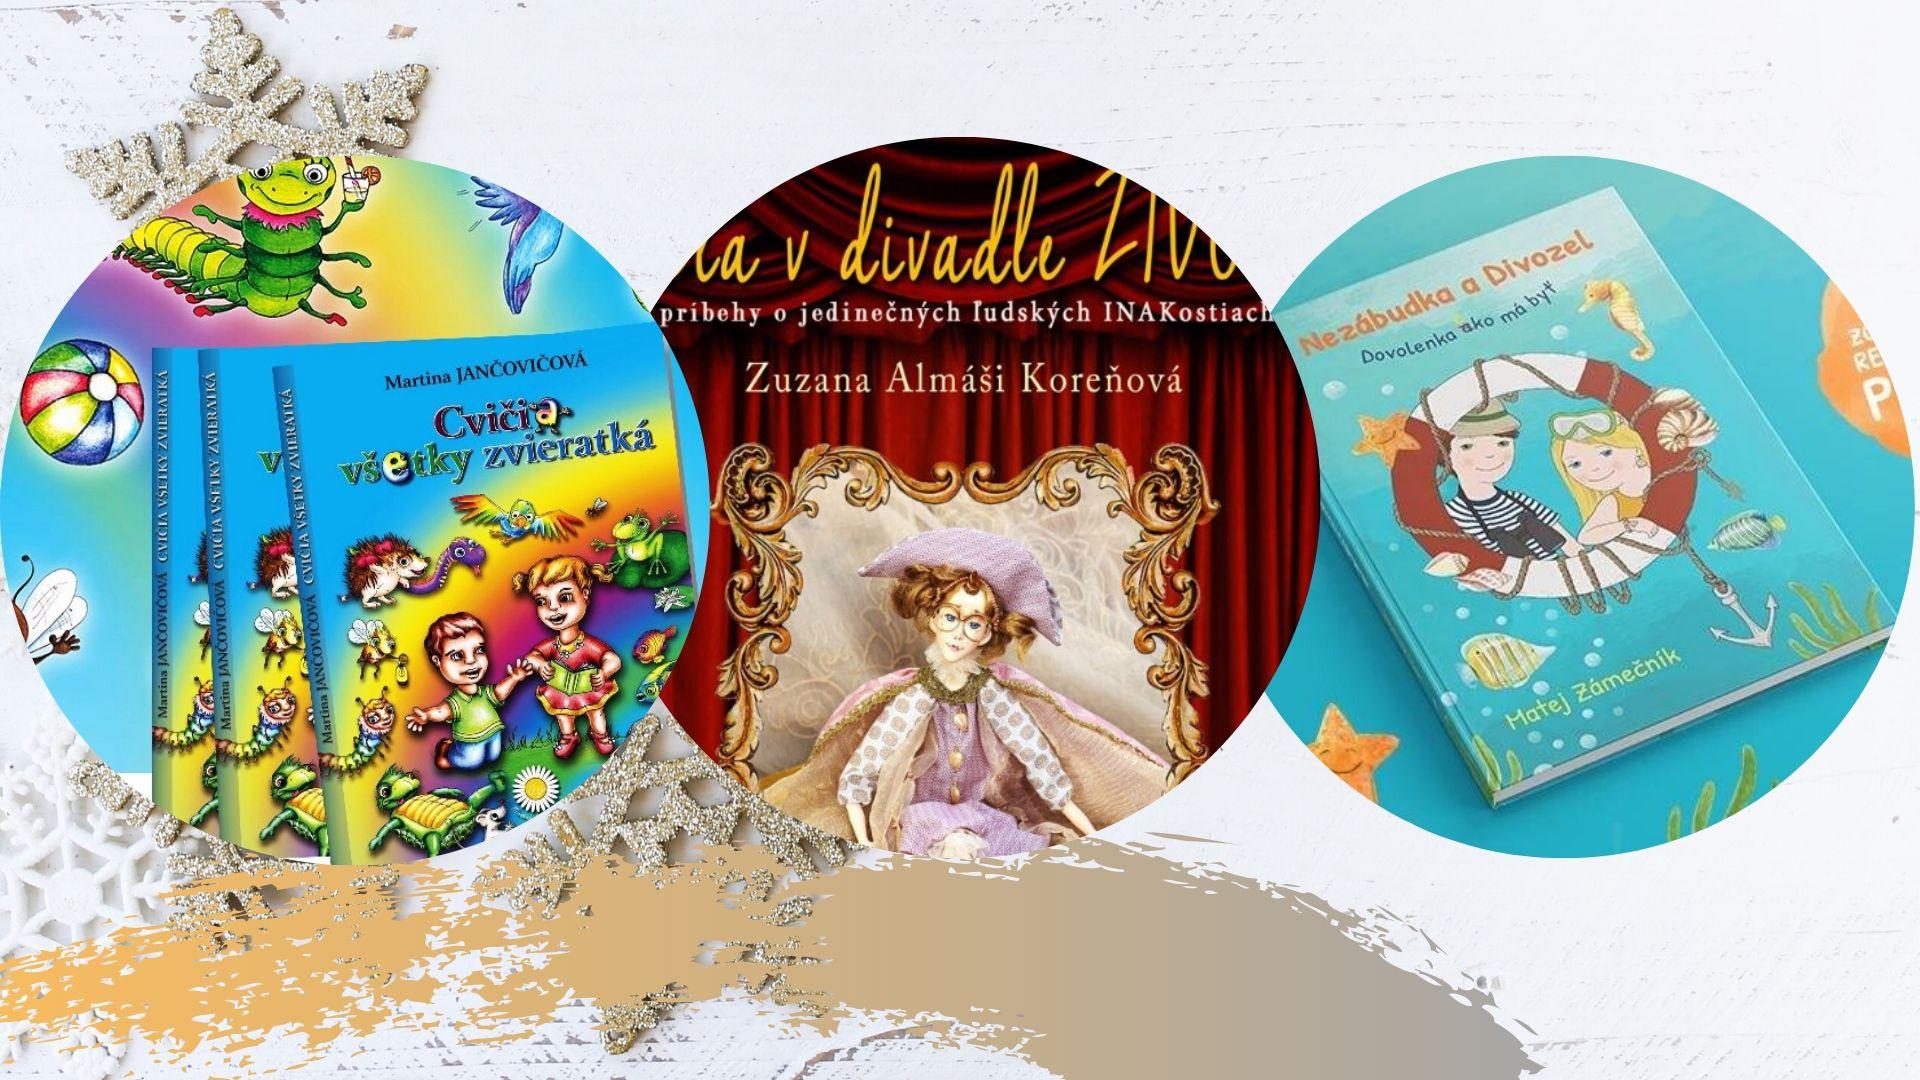 Rozprávková knižka pre deti i dosplelých